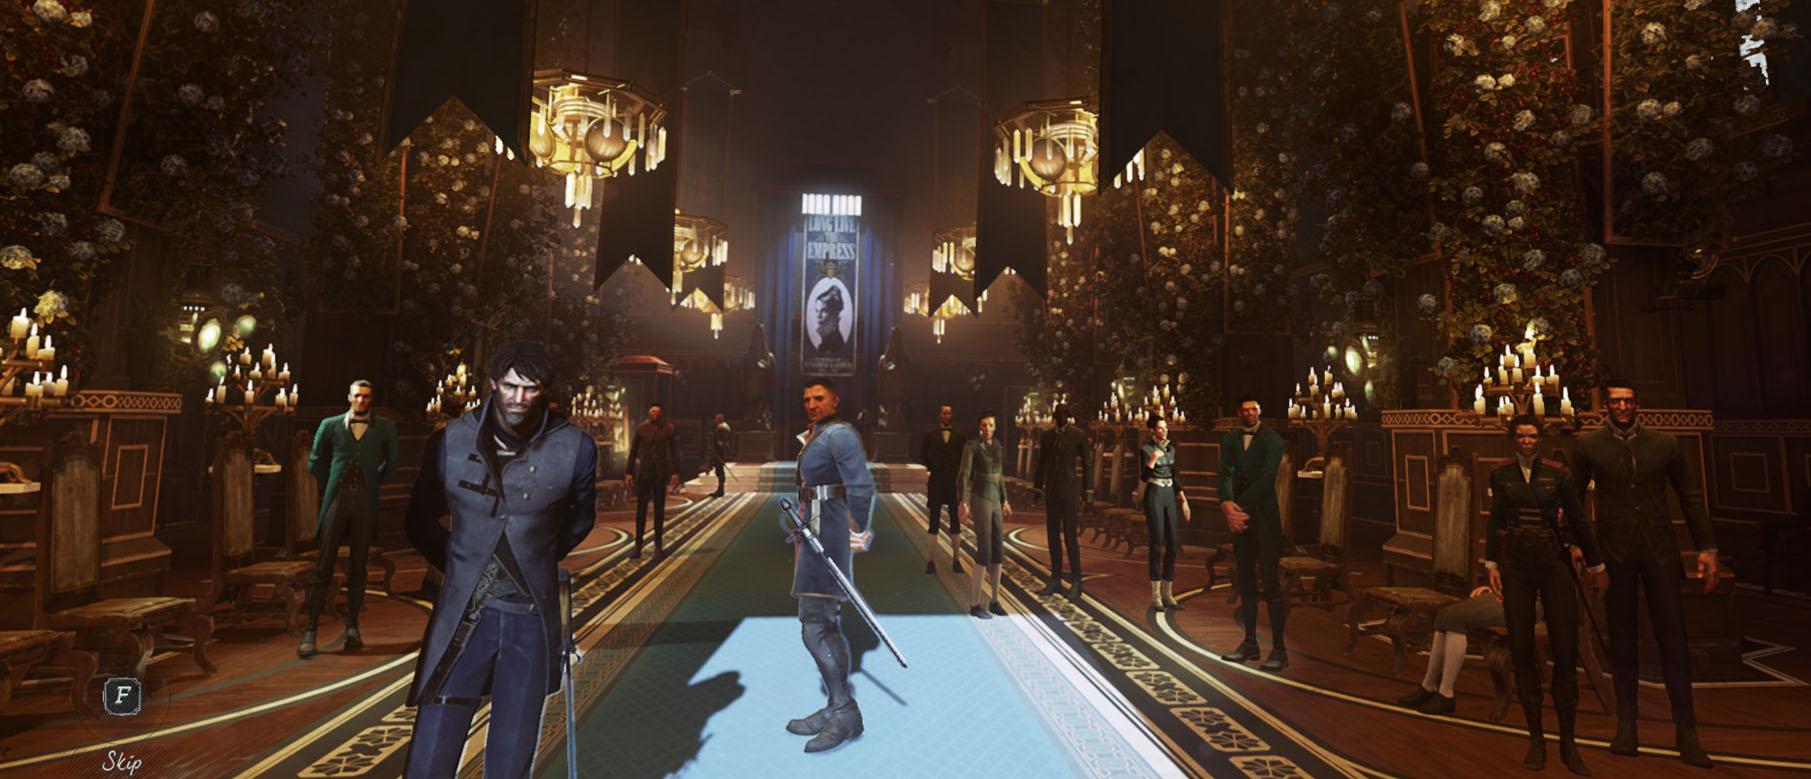 Dishonored 2 - ошибки, вылеты, проблемы с управление - решение